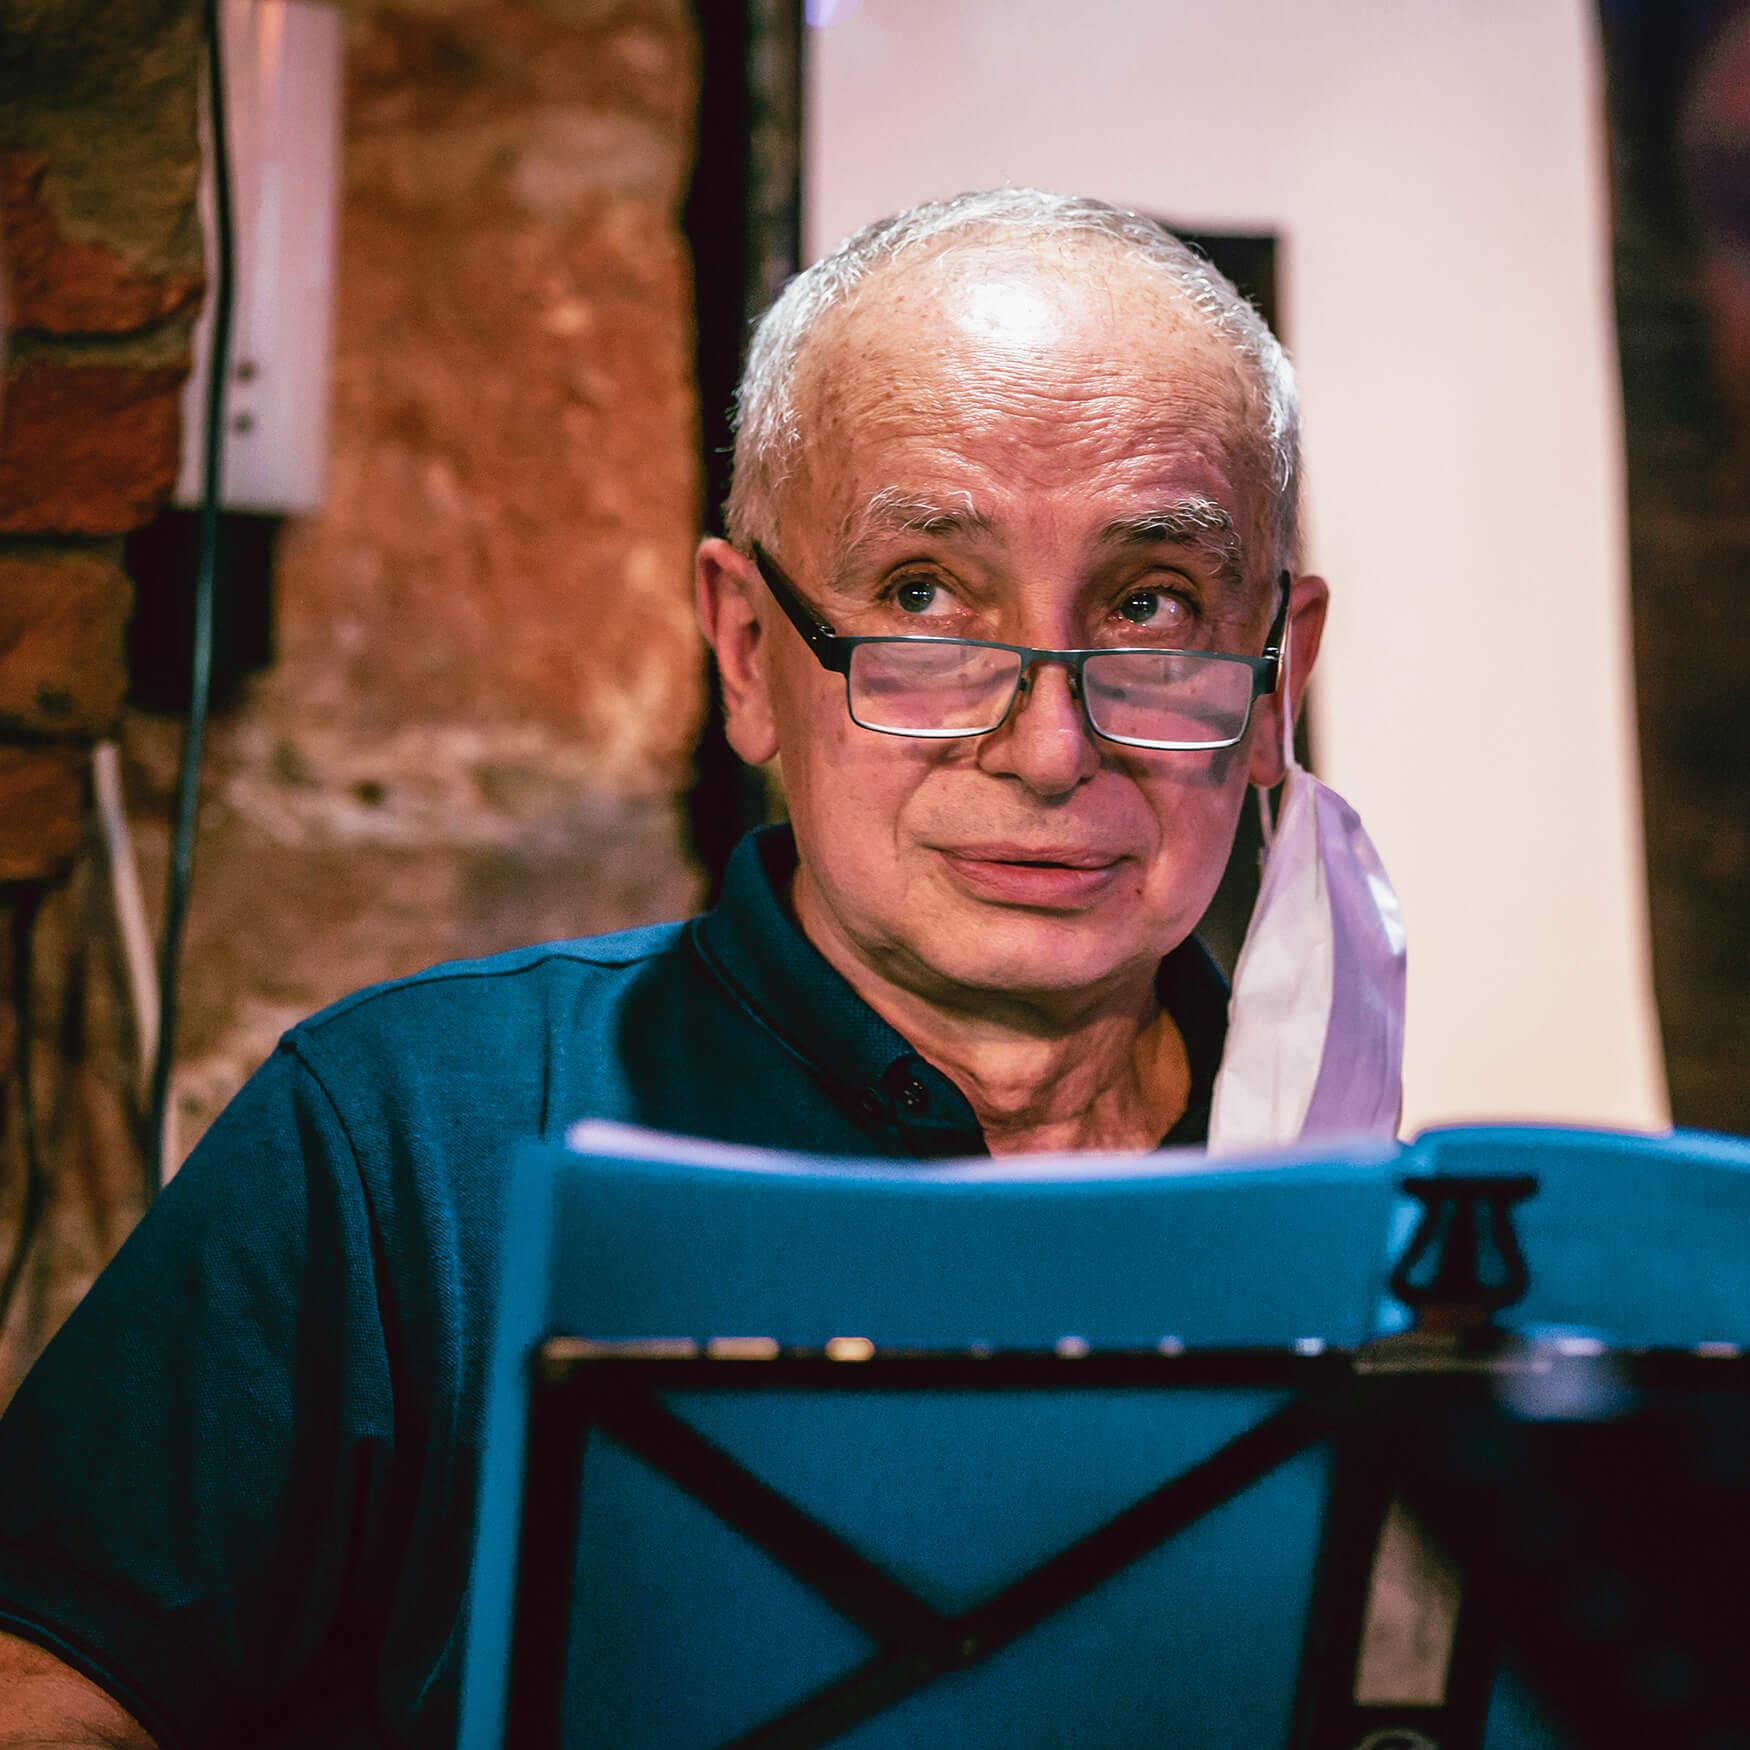 Autor-Damir-Pahić